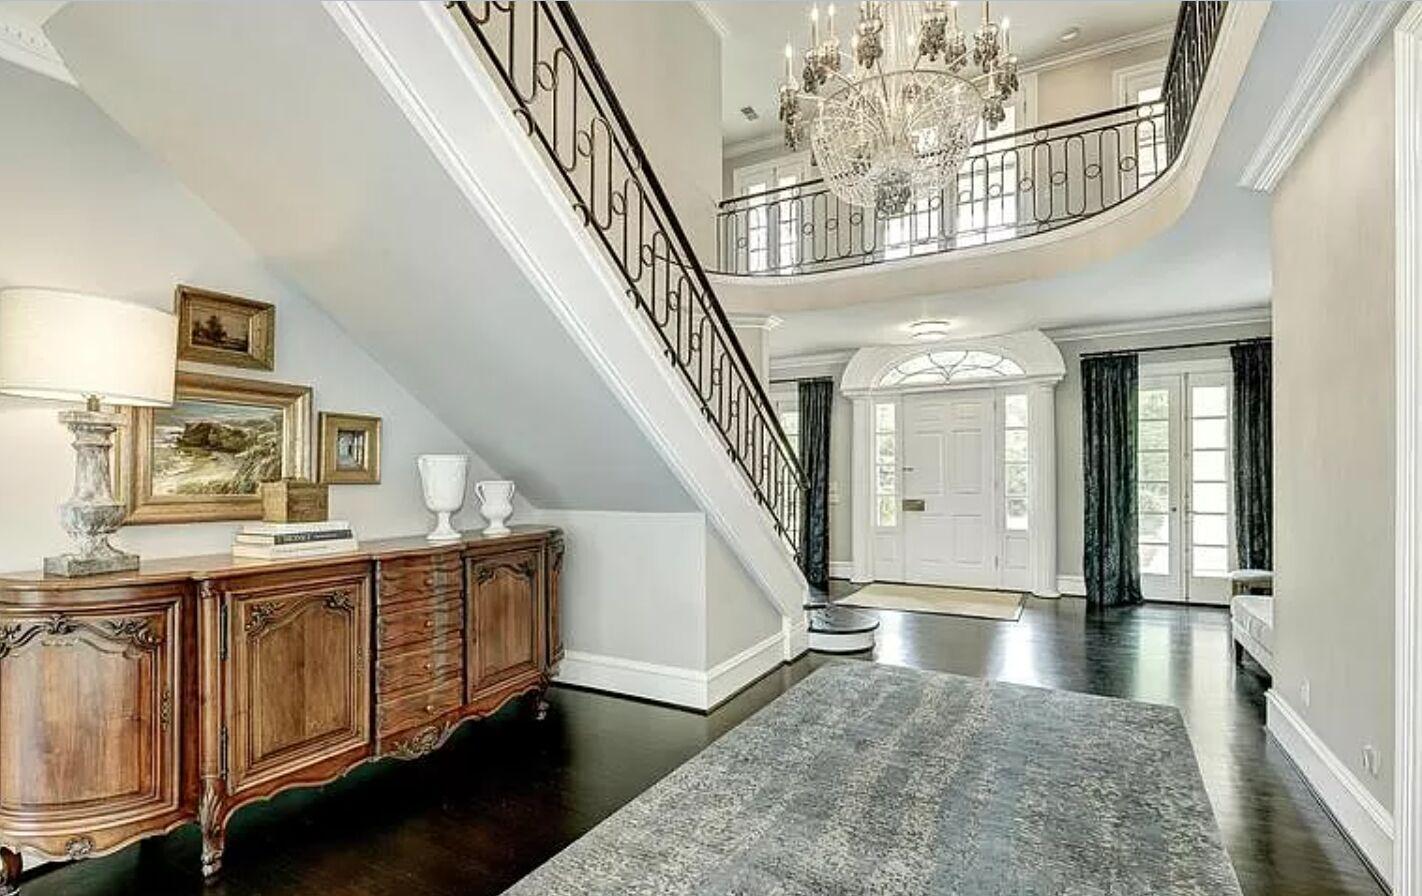 Усередині резиденції – мармурові сходи, високі стелі та інтер'єри в стриманих світлих тонах.